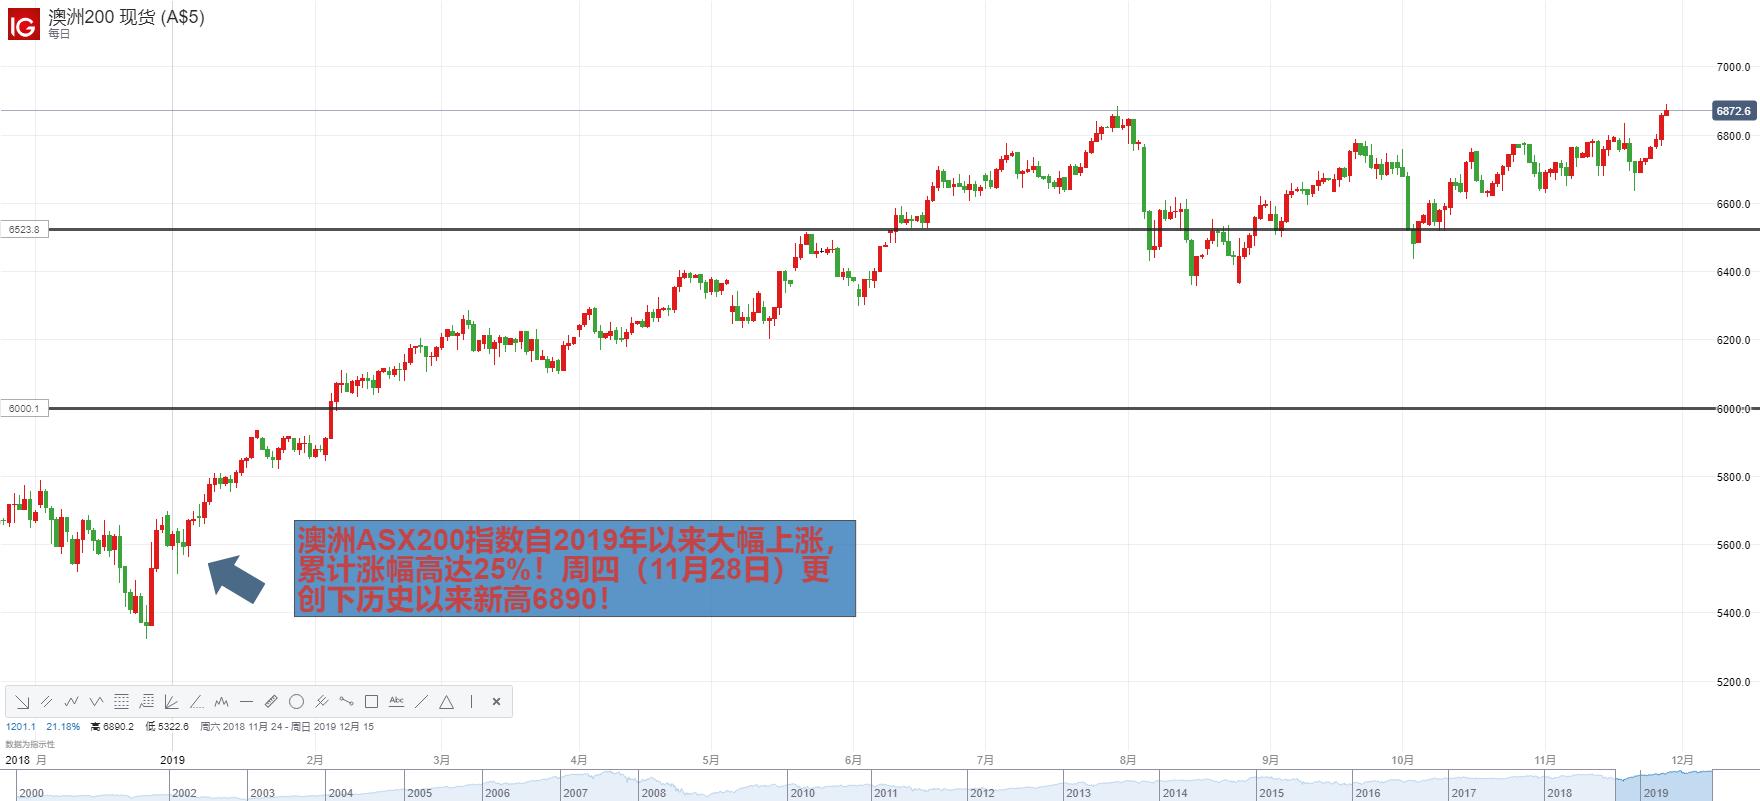 澳儲行降息預期助ASX200指數創歷史新高,澳元/美元下一目標竟是逾十年新低?!